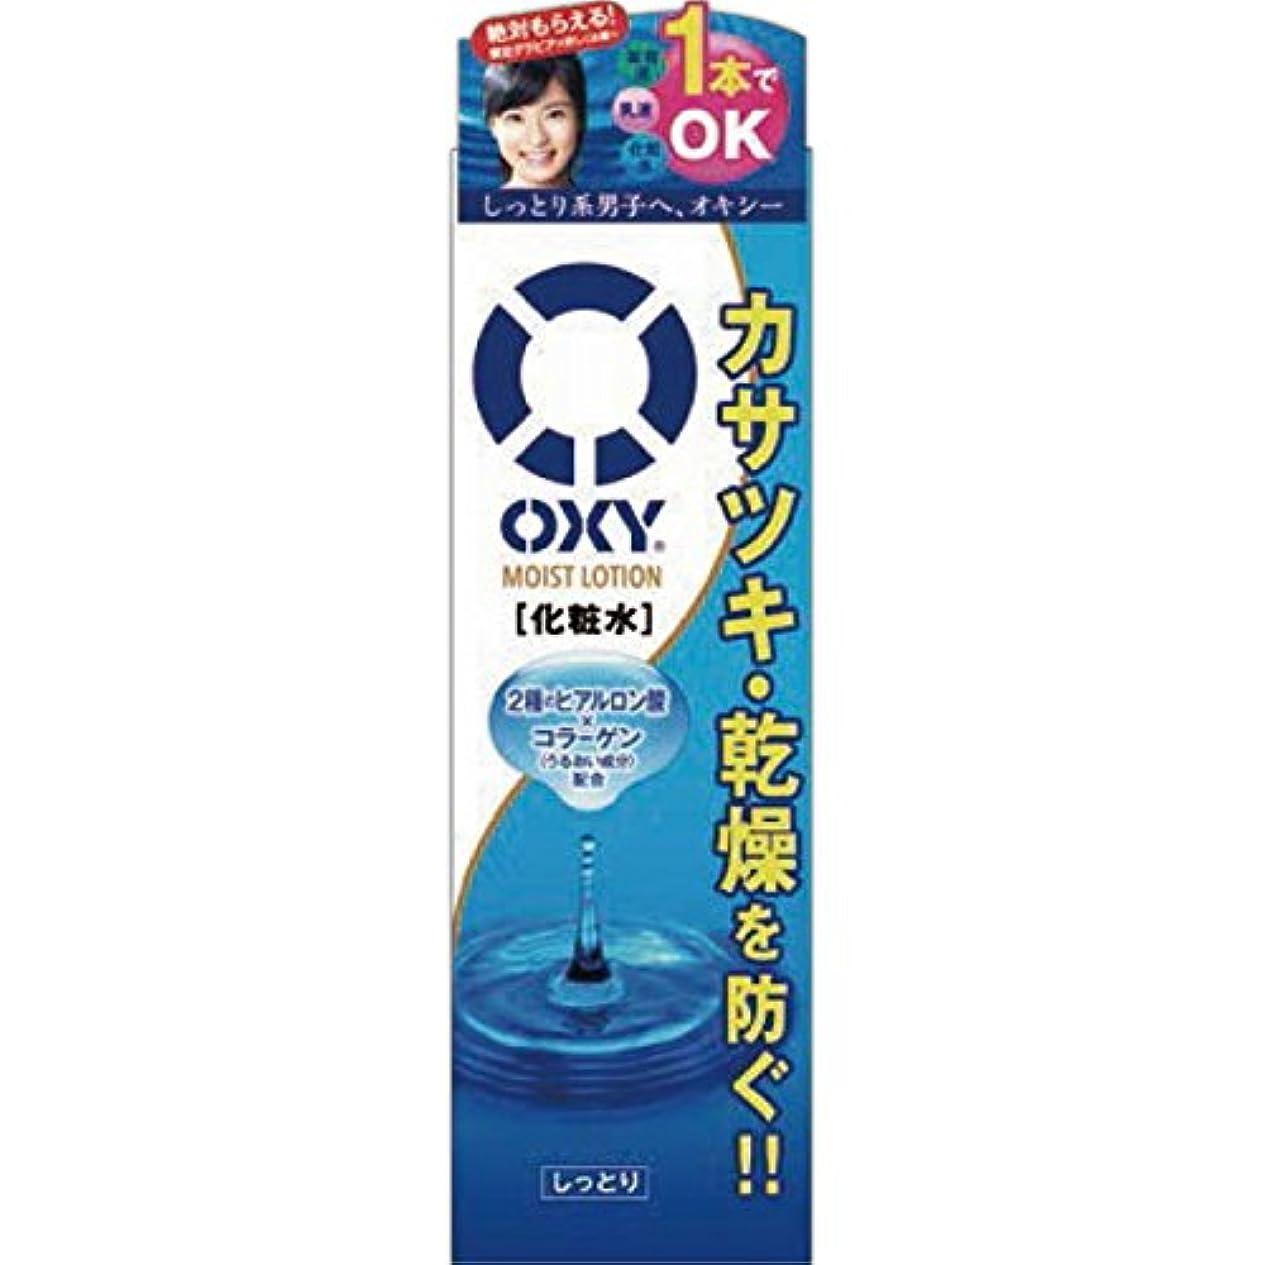 重々しい微視的熟達したオキシー (Oxy) モイストローション オールインワン化粧水 2種のヒアルロン酸×コラーゲン配合 ゼラニウムの香 170mL